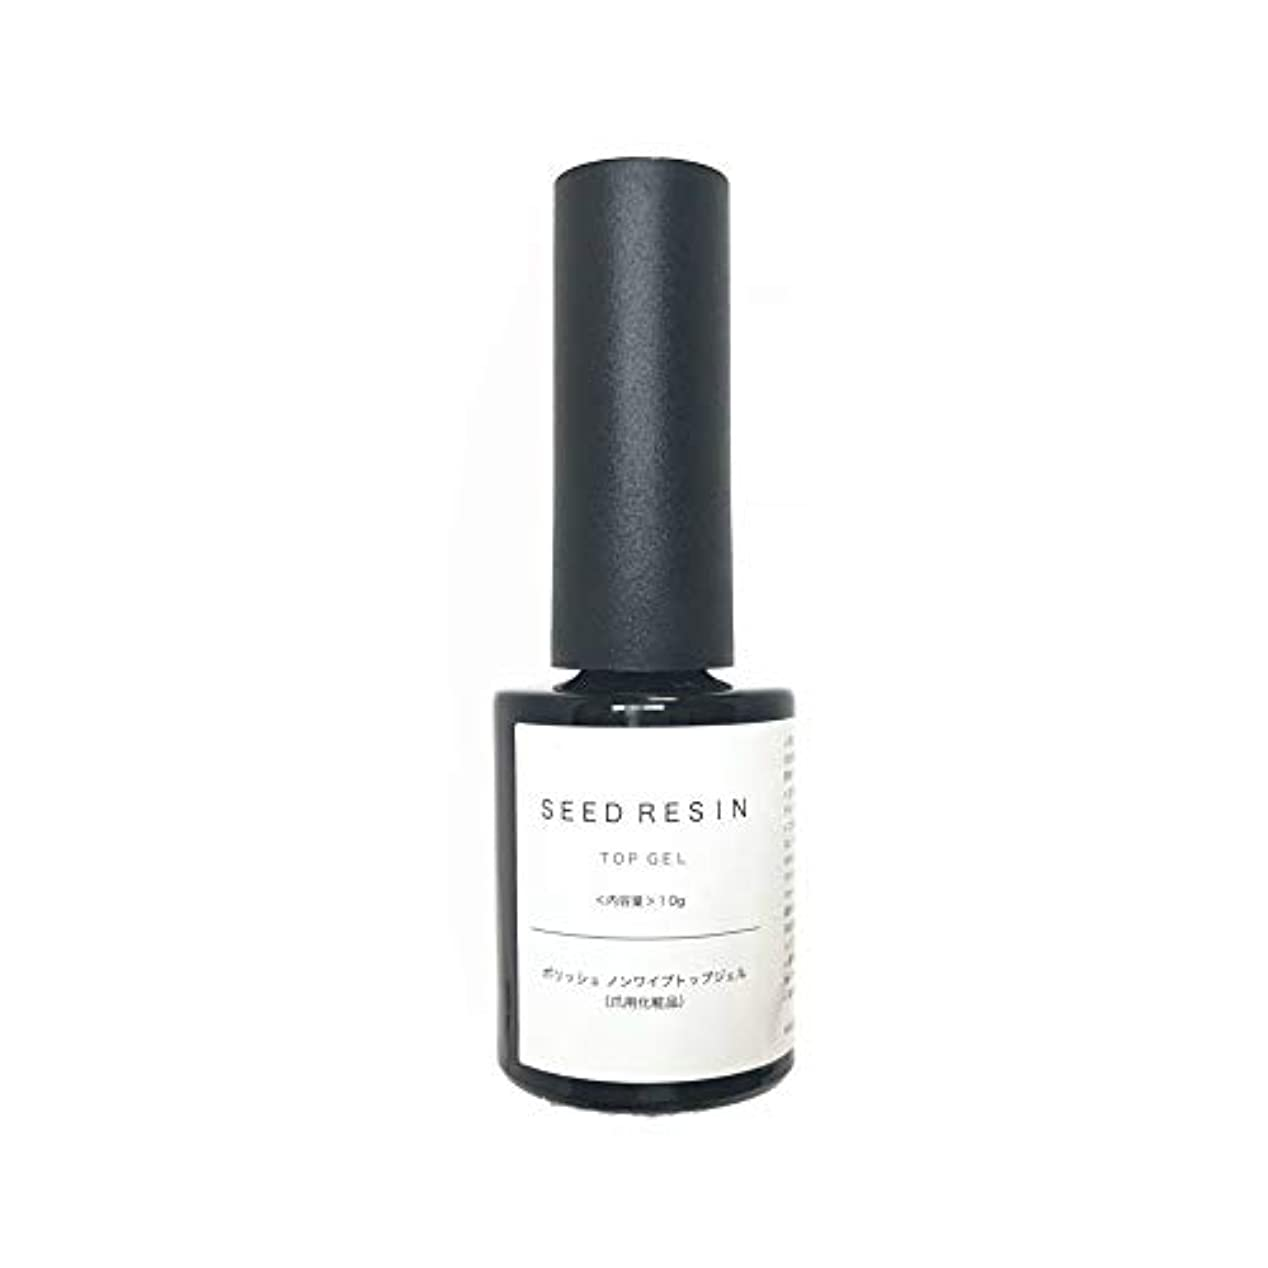 ストレージ破産飢えSEED RESIN(シードレジン) ジェルネイル ポリッシュ ノンワイプ トップジェル 10g 爪用化粧品